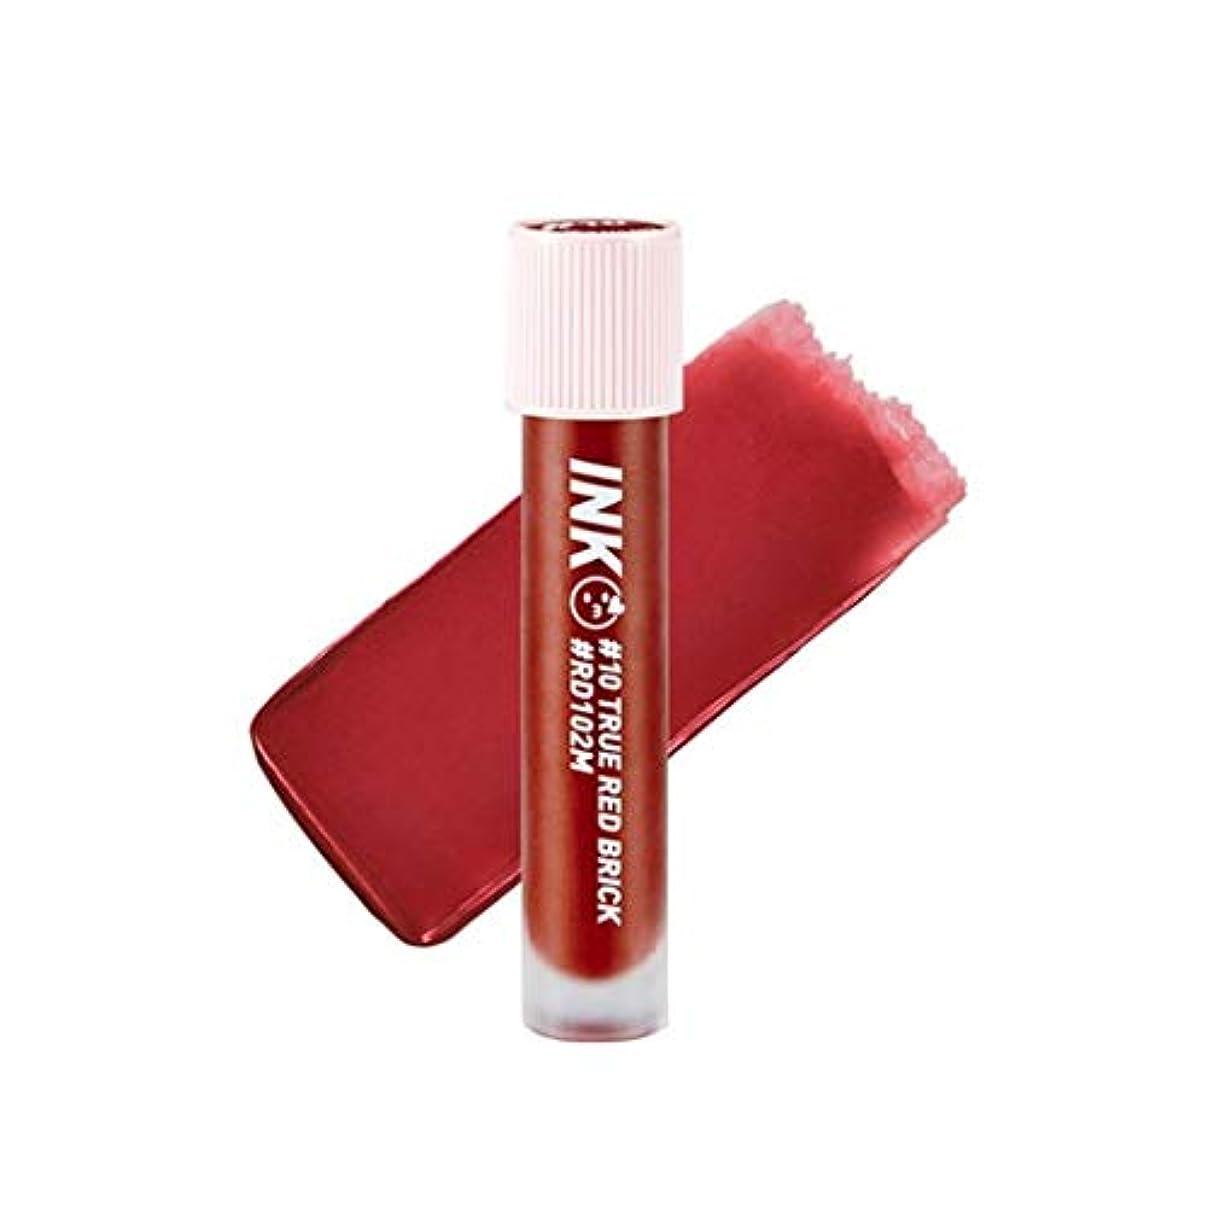 薬局コールド侵略ペリペラインクマトゥブラーティントリップティント韓国コスメ、Peripera Ink Matte Blur Tint Lip Tint Korean Cosmetics [並行輸入品] (#10 True Red Brick)